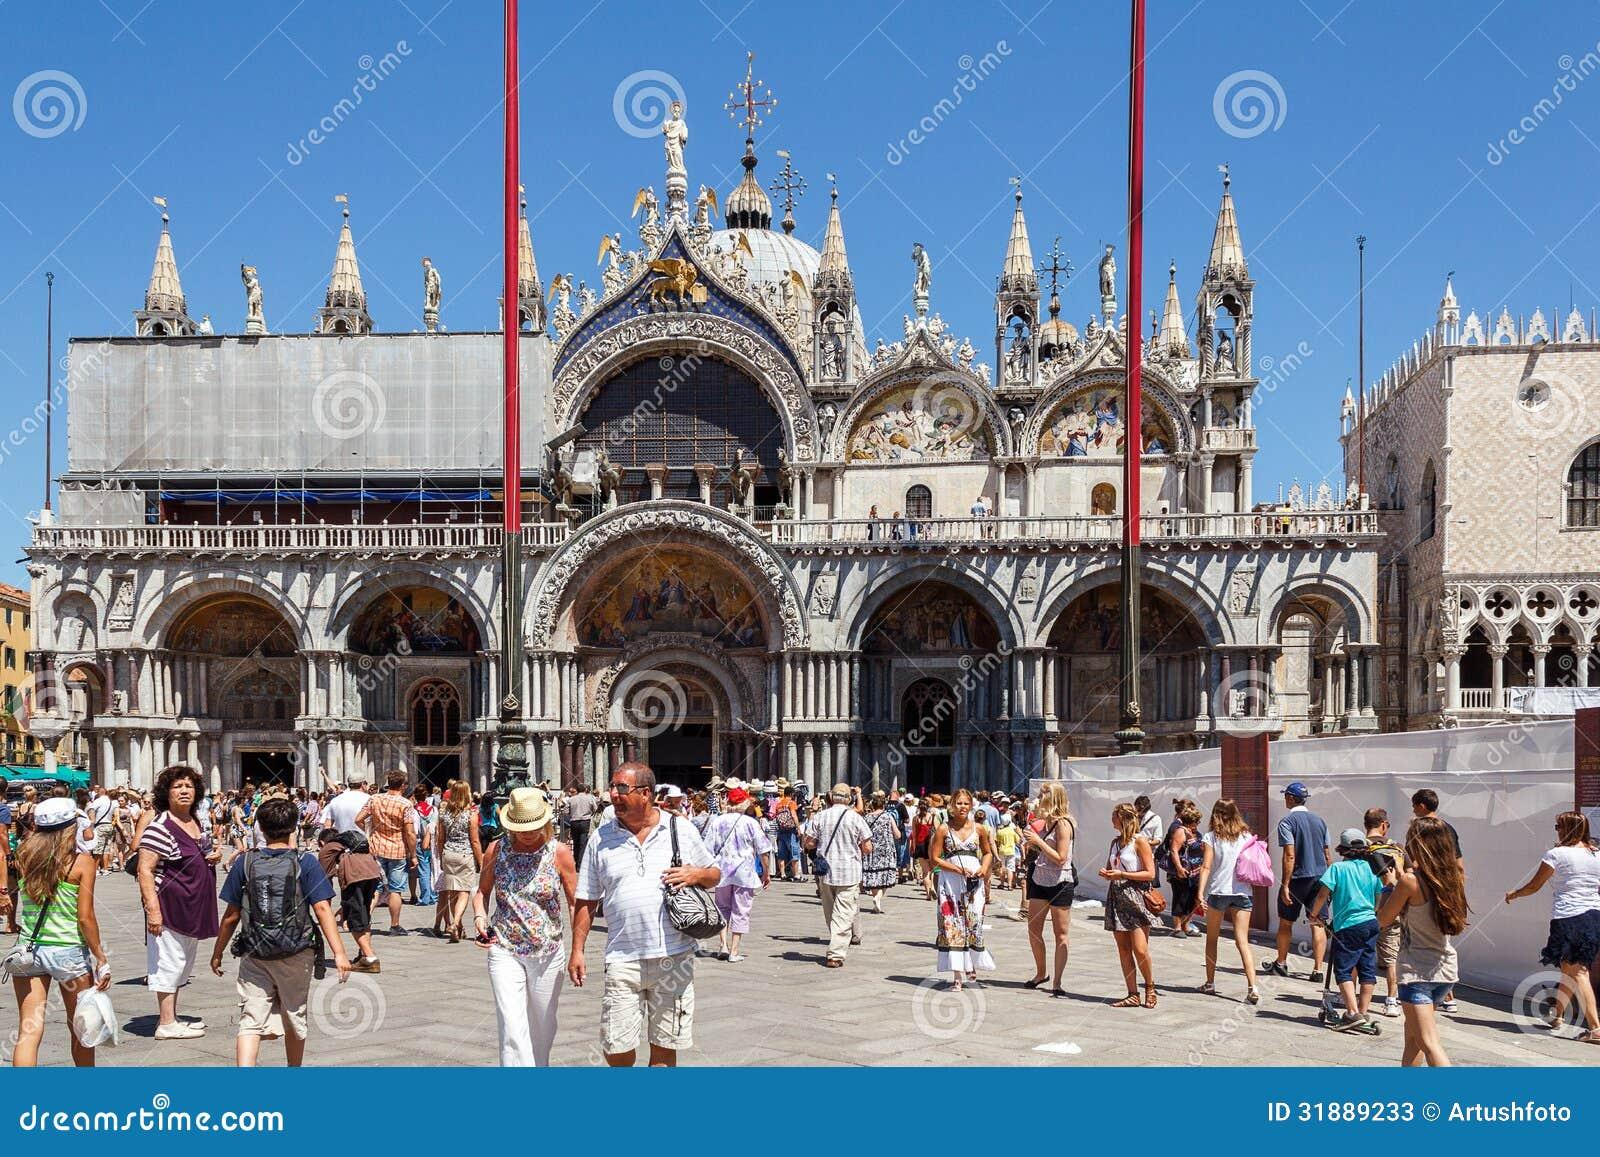 ΙΤΑΛΙΑ, ΒΕΝΕΤΙΑ - ΤΟΝ ΙΟΎΛΙΟ ΤΟΥ 2012: Τετράγωνο του ST Marco με το πλήθος του τουρίστα στις 16 Ιουλίου 2012 στη Βενετία. Το τετρά